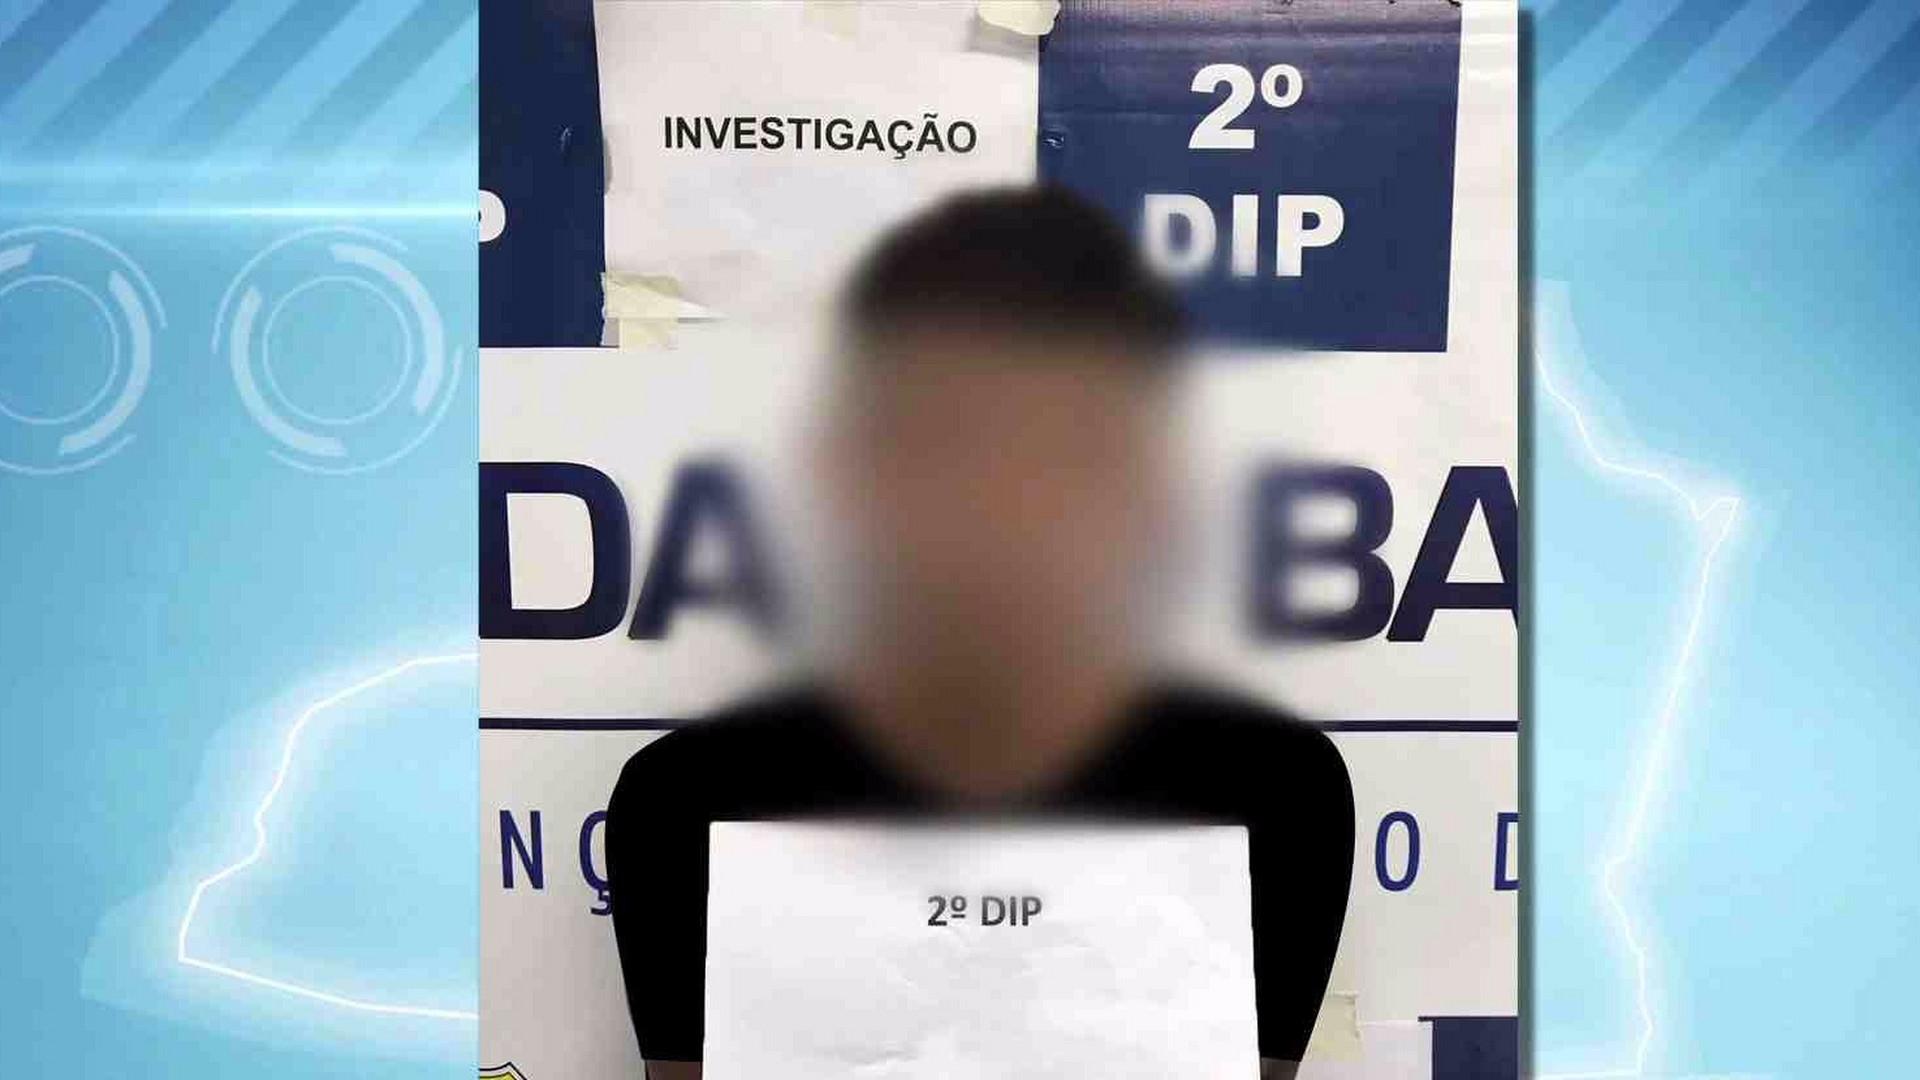 JOVEM É APREENDIDO VENDENDO DROGAS NO EDUCANDOS - ALÔ AMAZONAS - 23/06/17